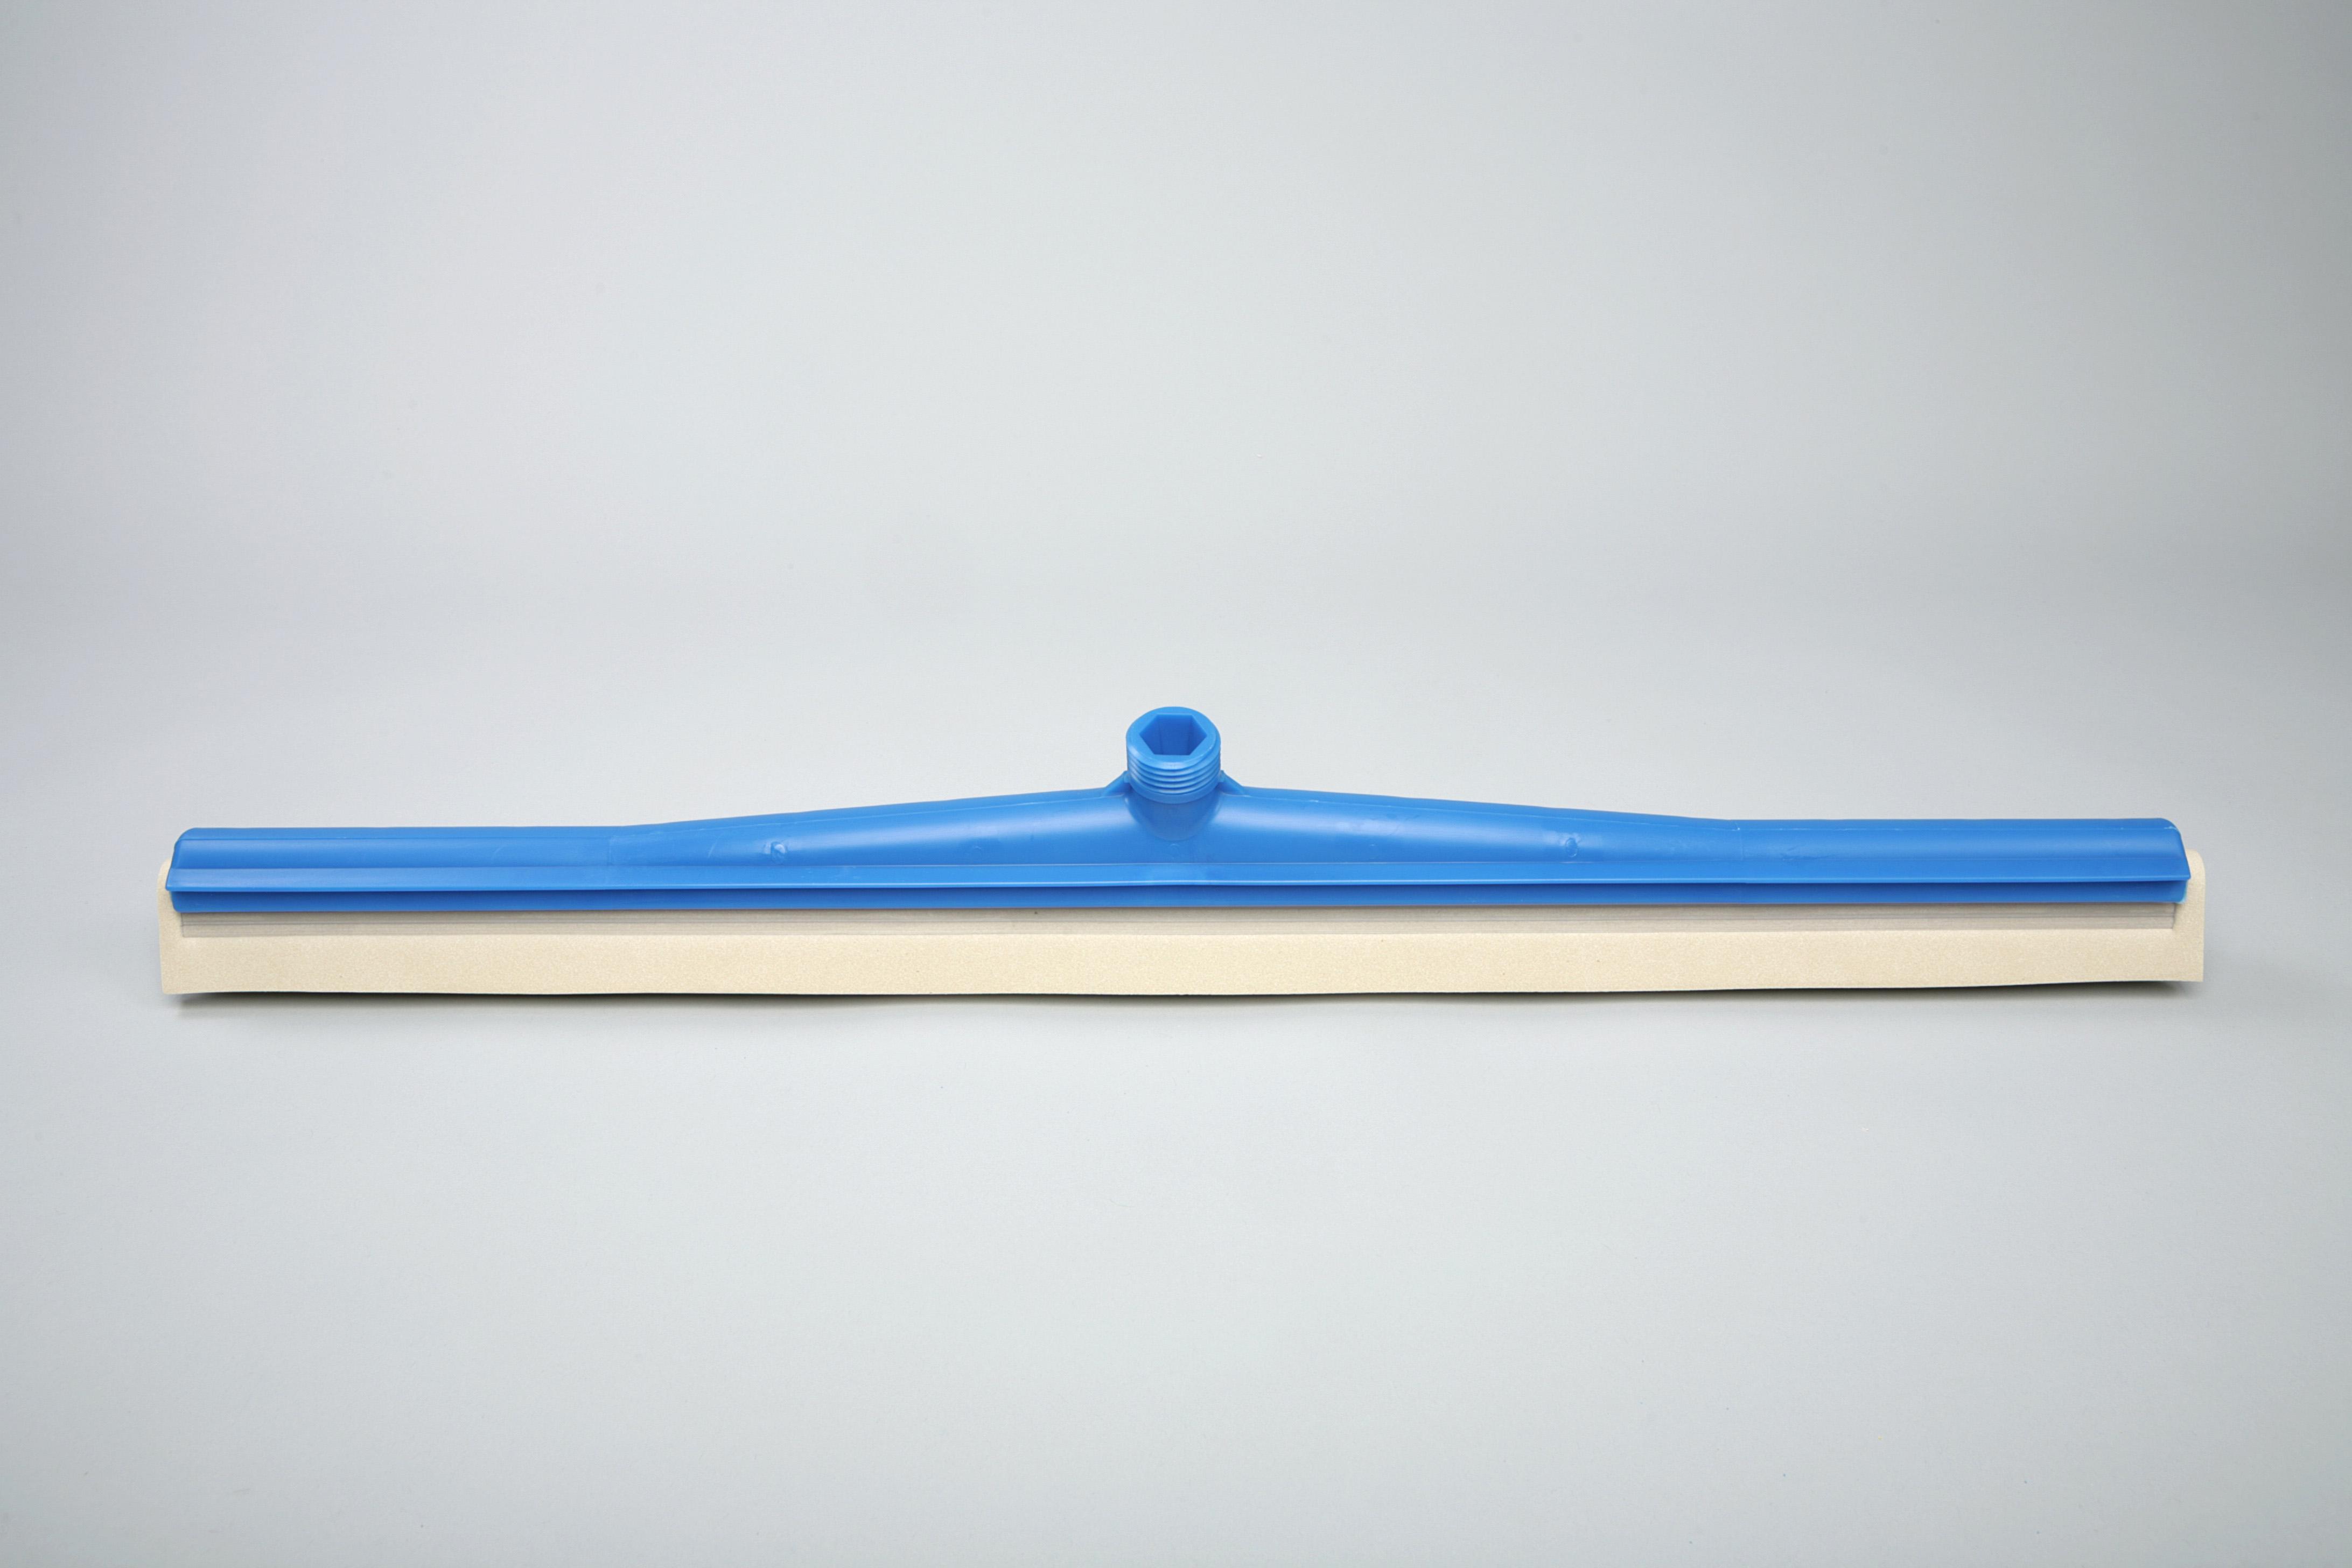 Unimop põrandakuivataja 60 cm, sinine, kastis 6 tk